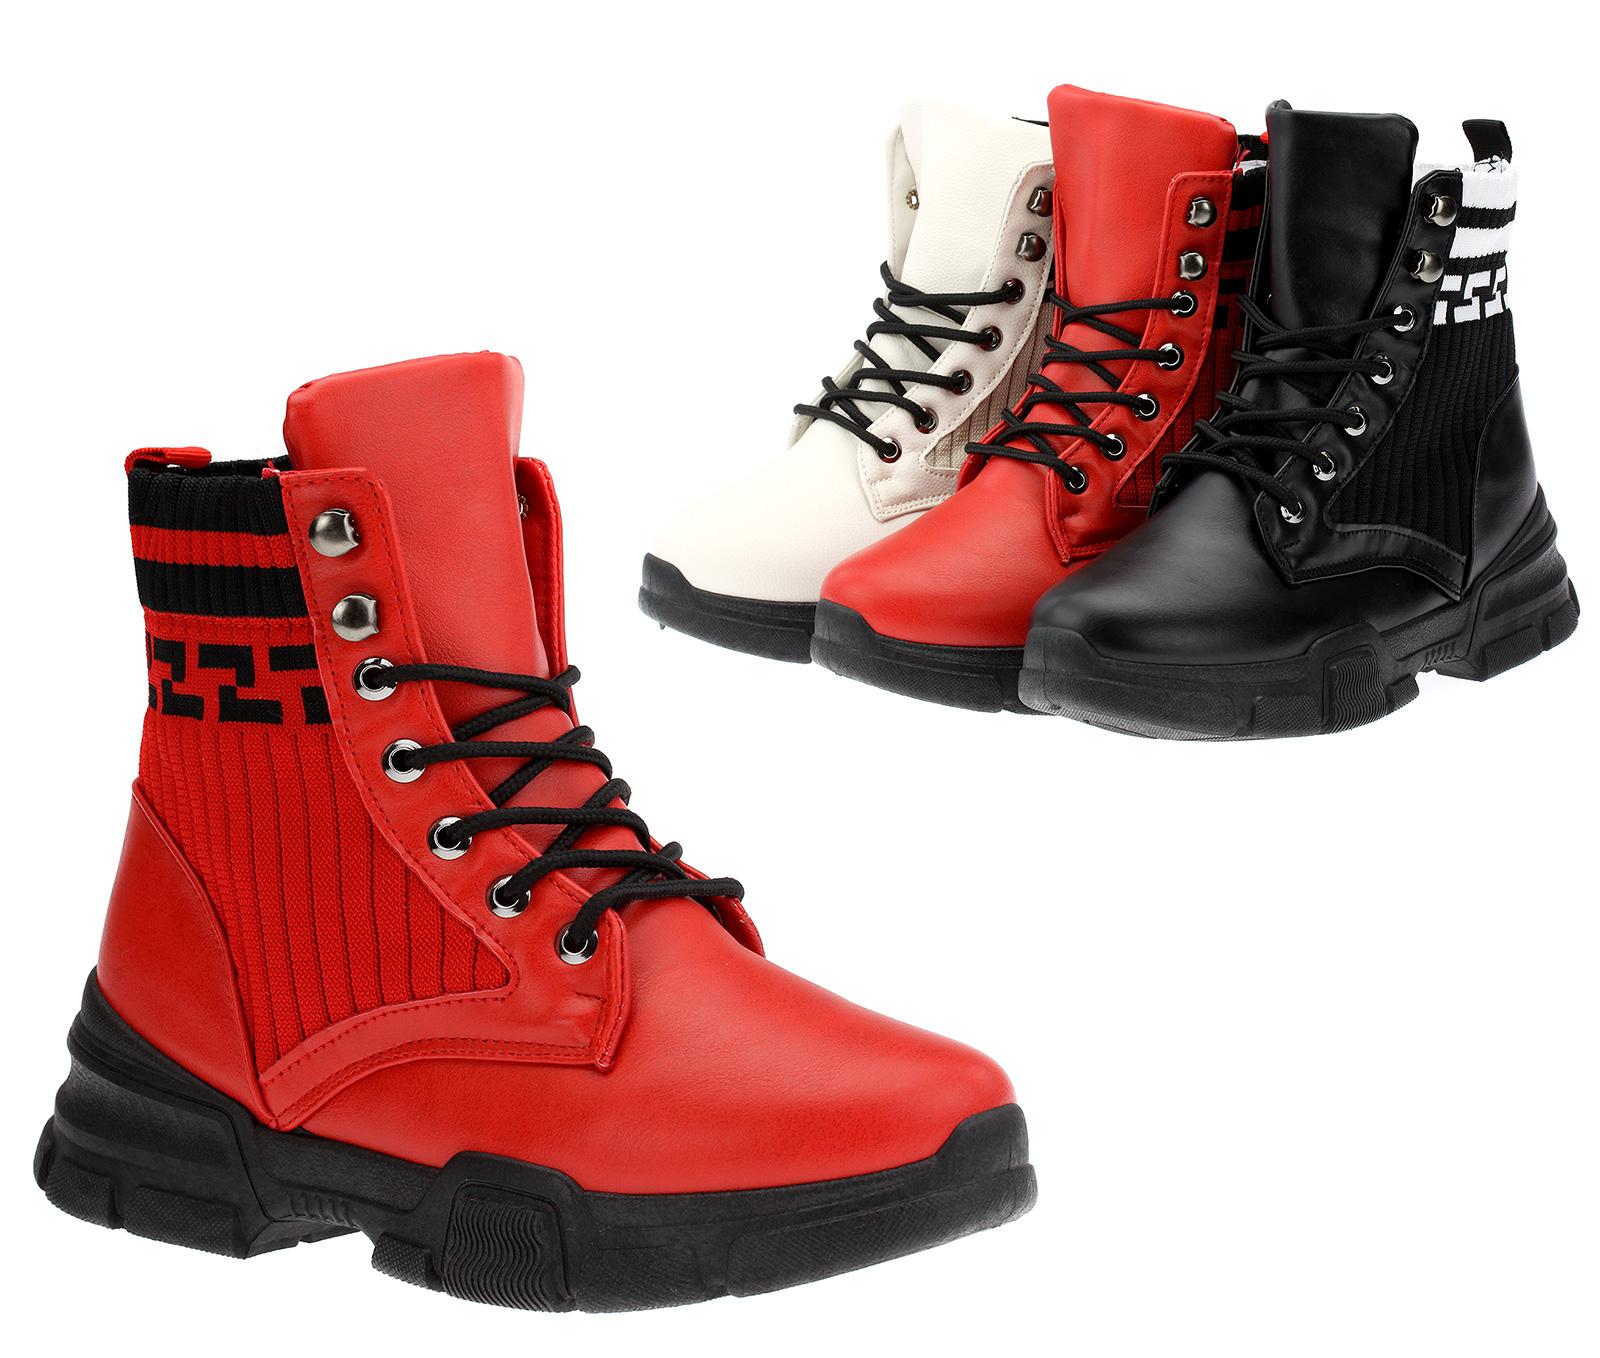 Bottines Bottes à sur Doublé Hiver Lacets Bottes Chaussures Tricot Femme Détails Baskets qVMGSUzp